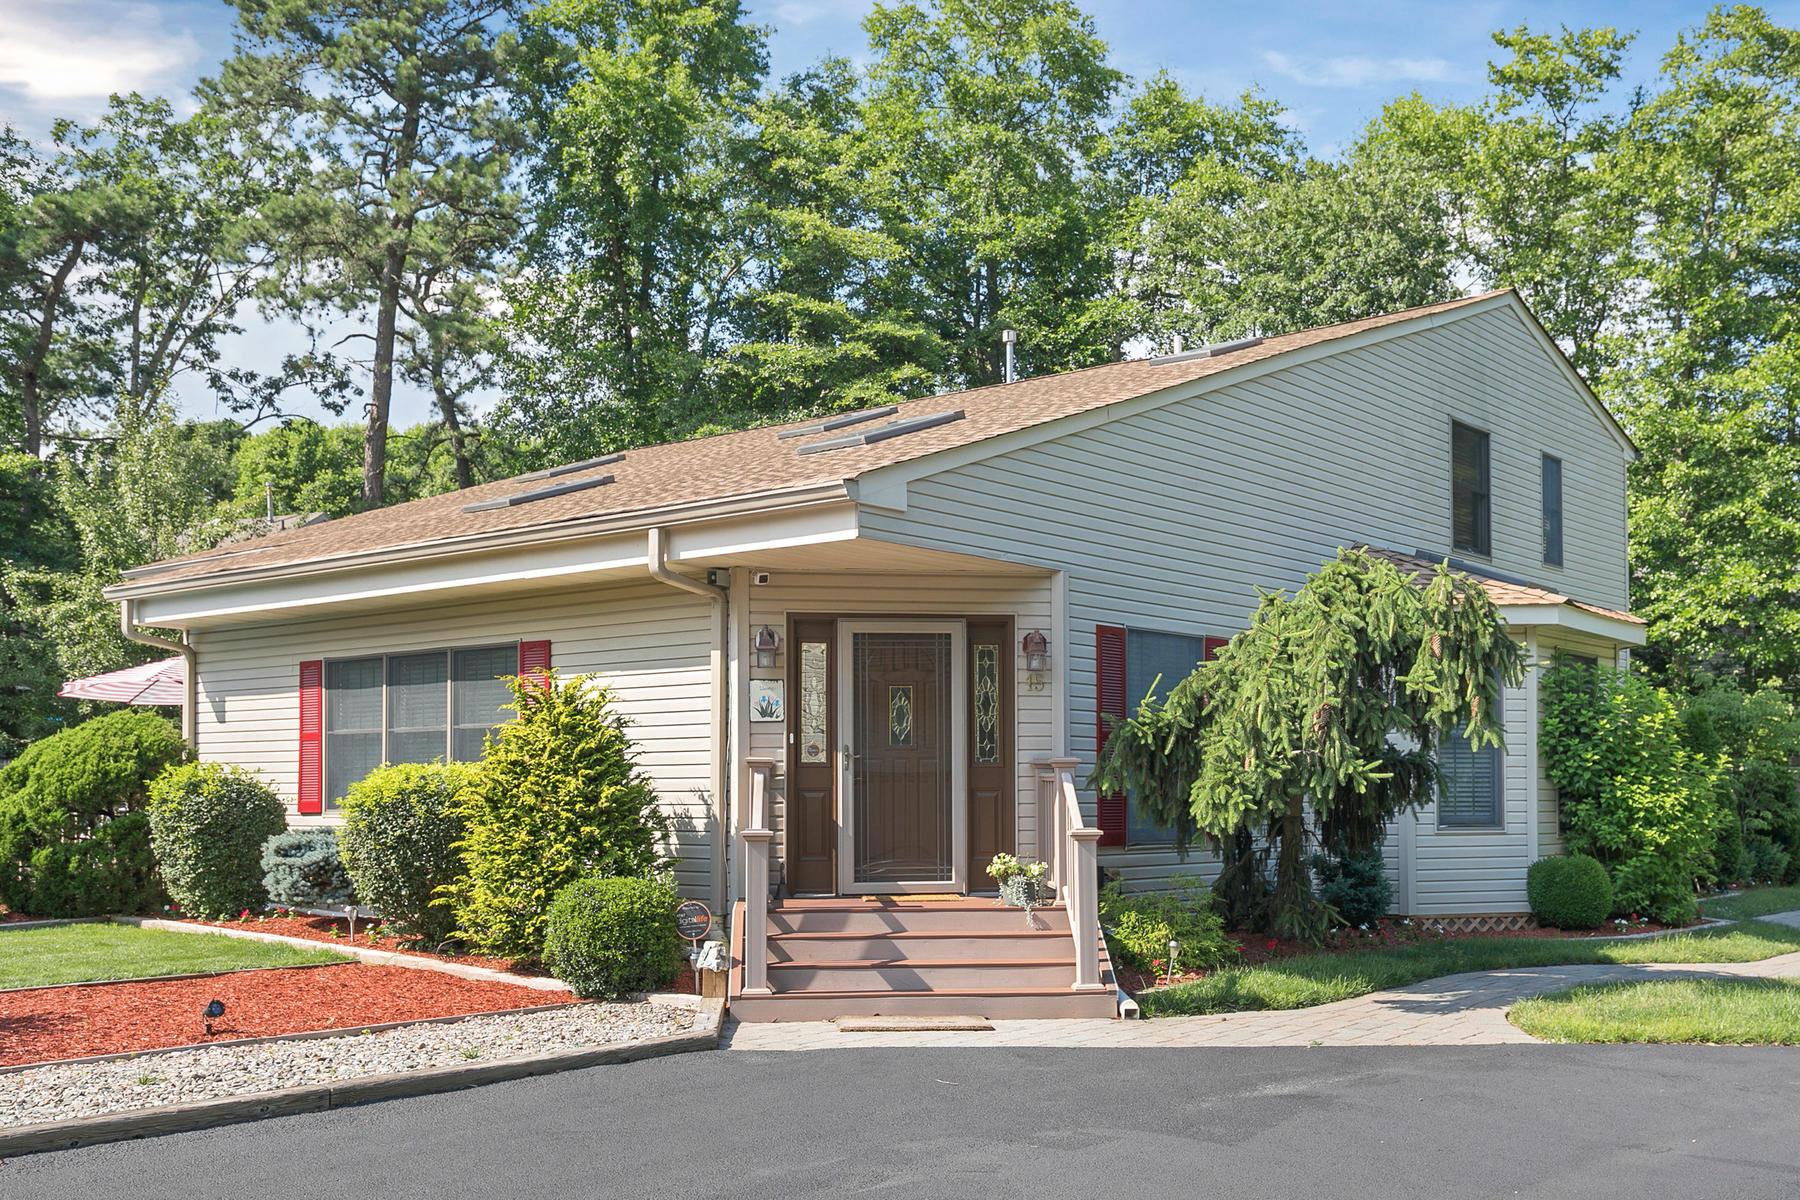 Casa para uma família para Venda às Exceptional Home Located On Professionally Landscaped Private Acre 15 Kuster Lane Brick, Nova Jersey, 08724 Estados Unidos